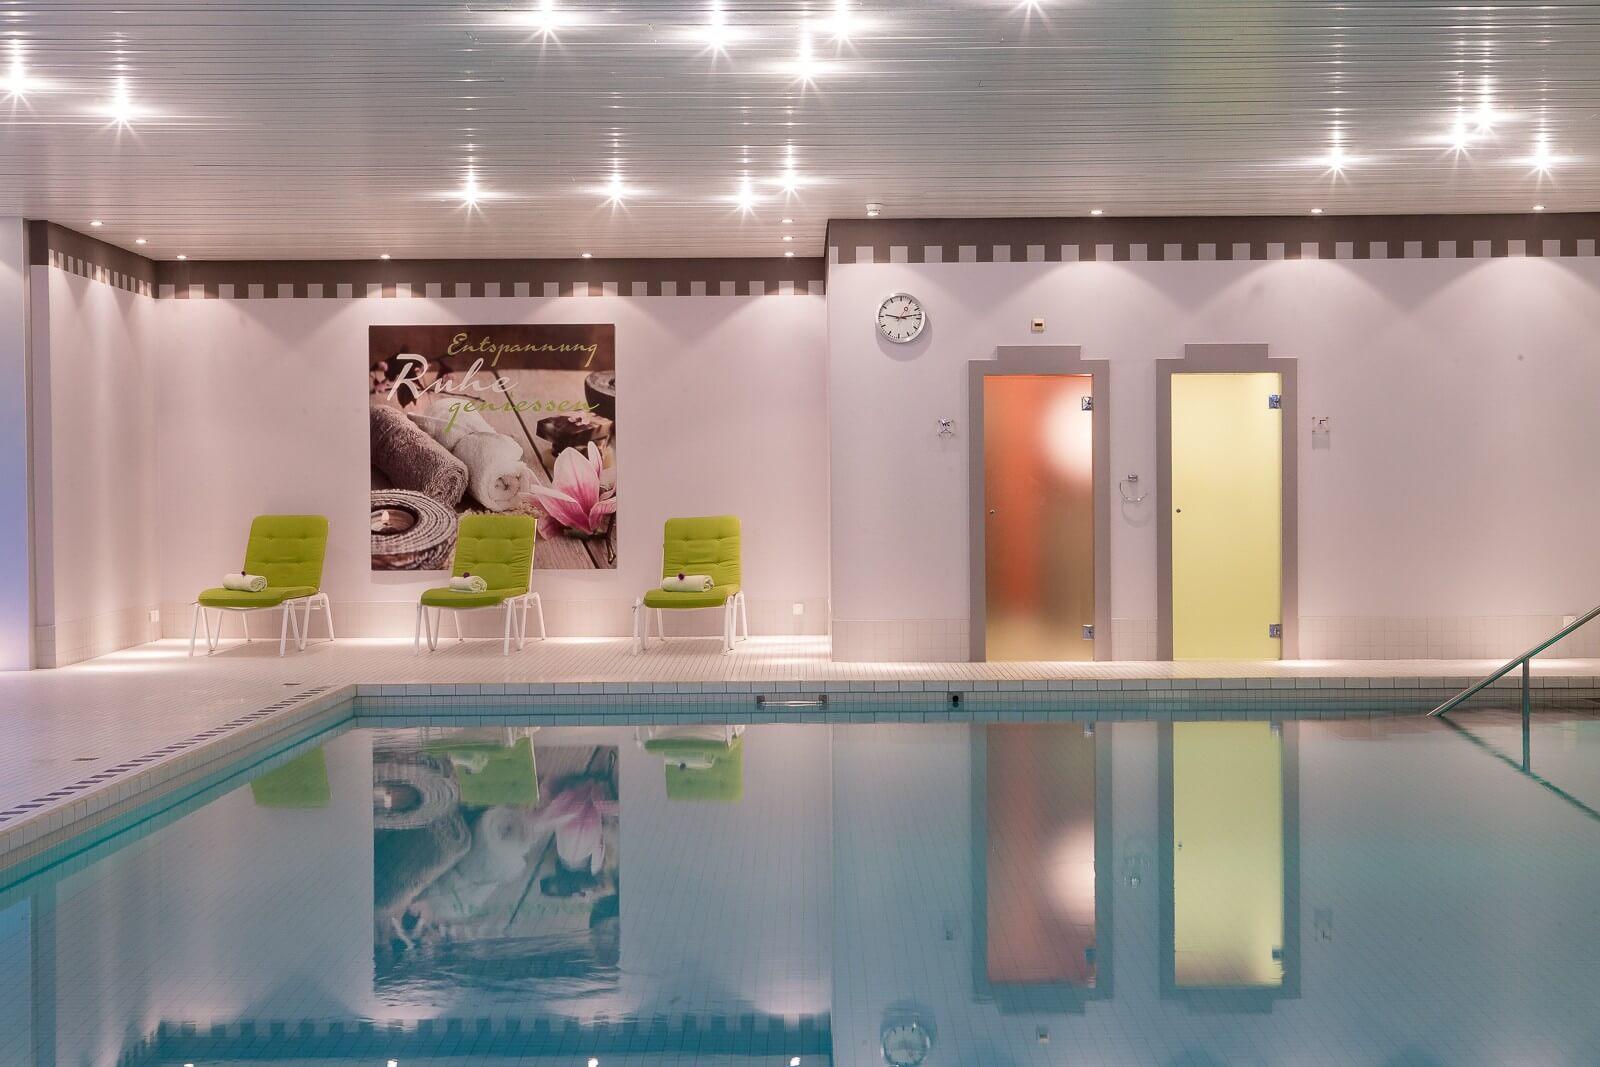 interlaken-clarins-beauty-center-pool-innen